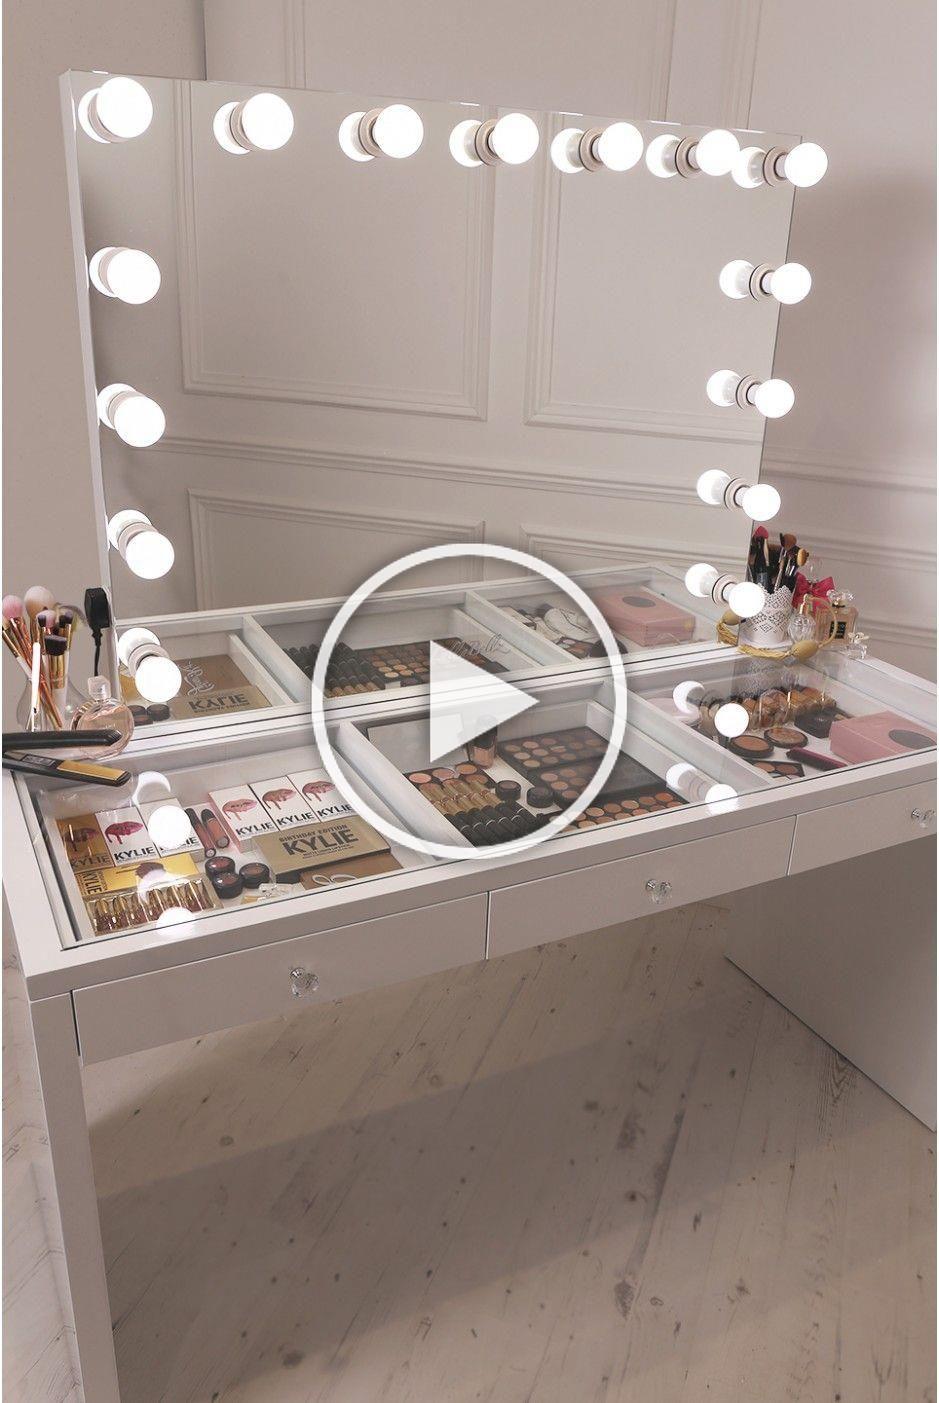 Crisp White Finish Slaystation Make Up Vanity With Premium Storage Three Spacious Drawers Encrusted With Diamante In 2020 Diy Vanity Mirror Bedroom Vanity Diy